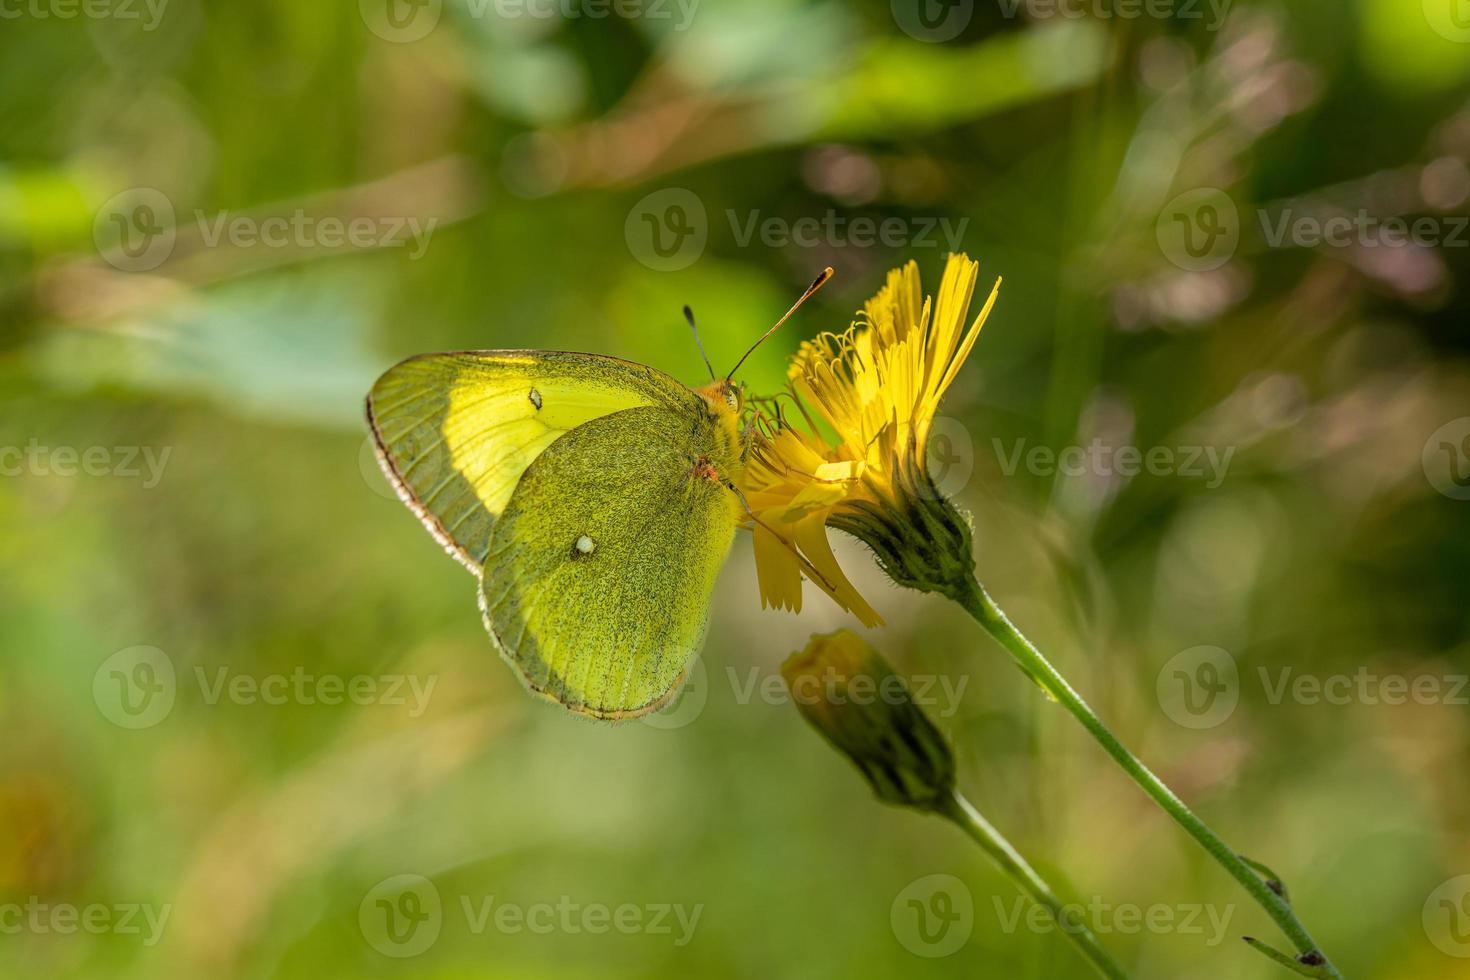 gelber Schmetterling auf einer gelben Blume foto